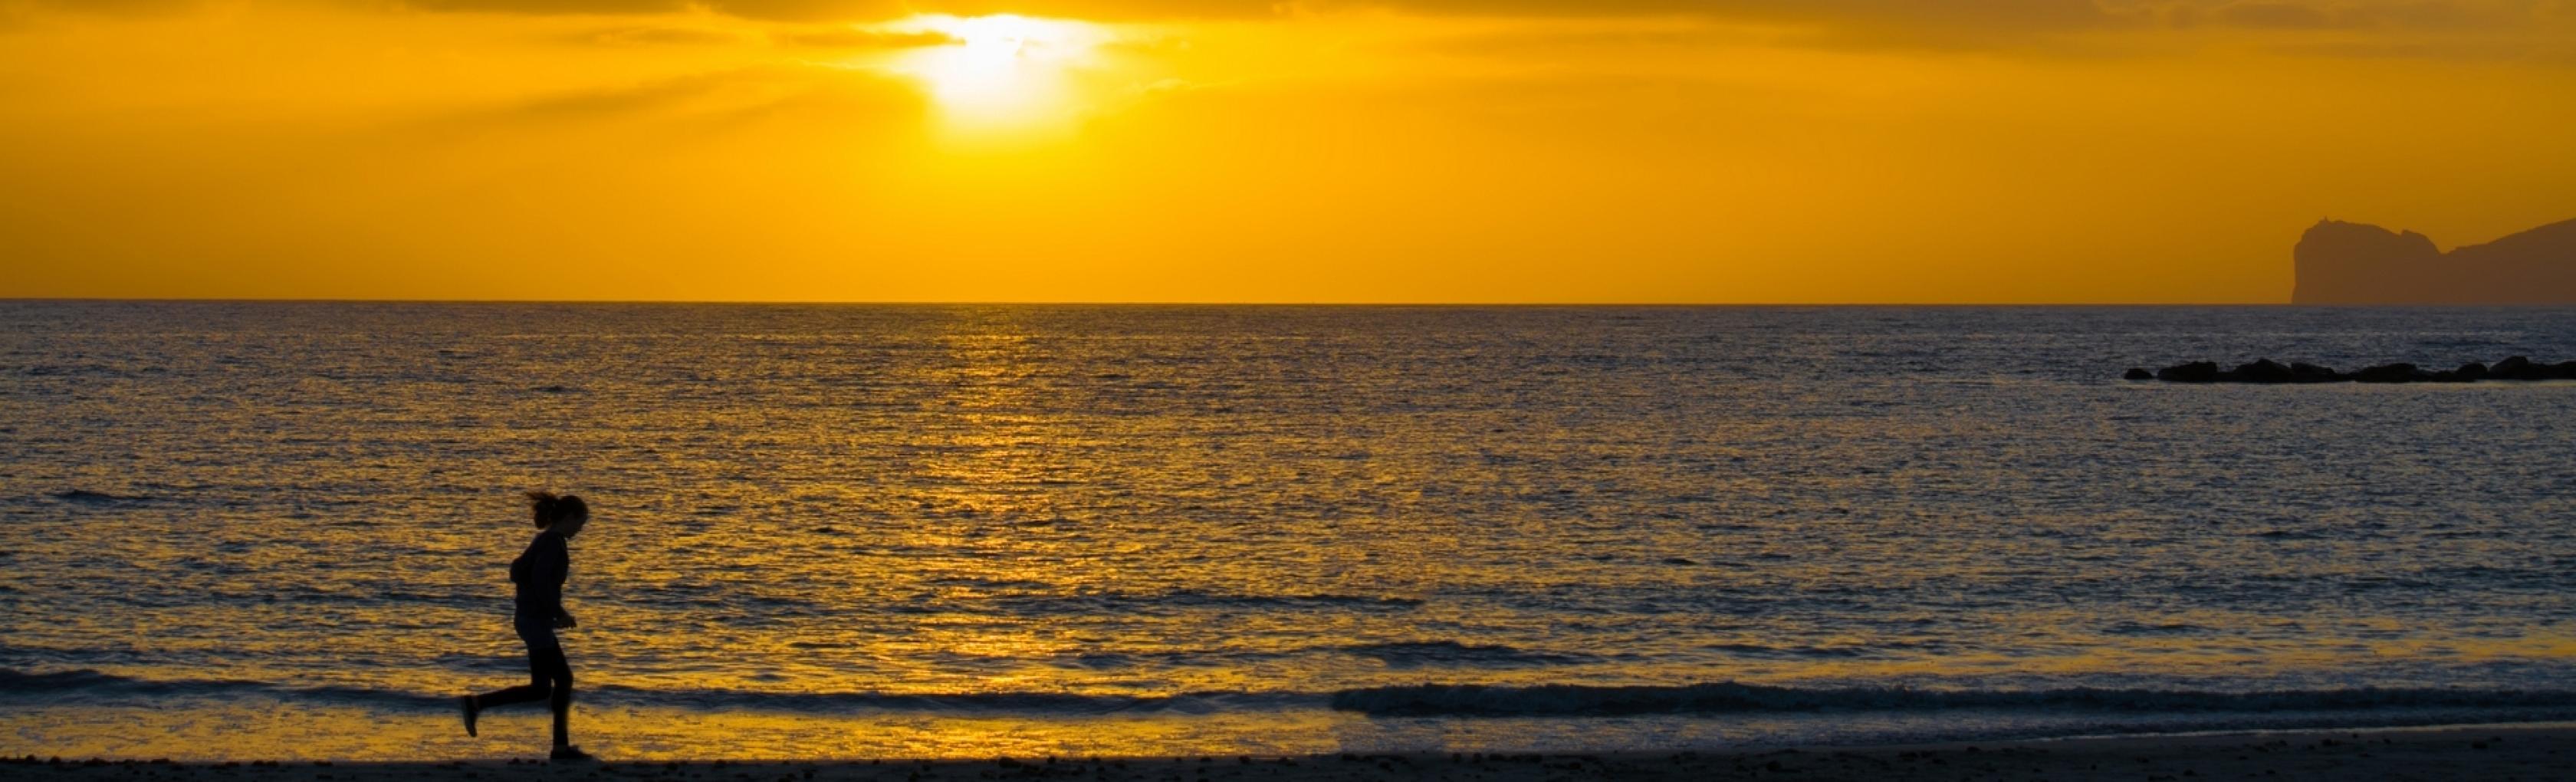 Corsa Alghero tramonto